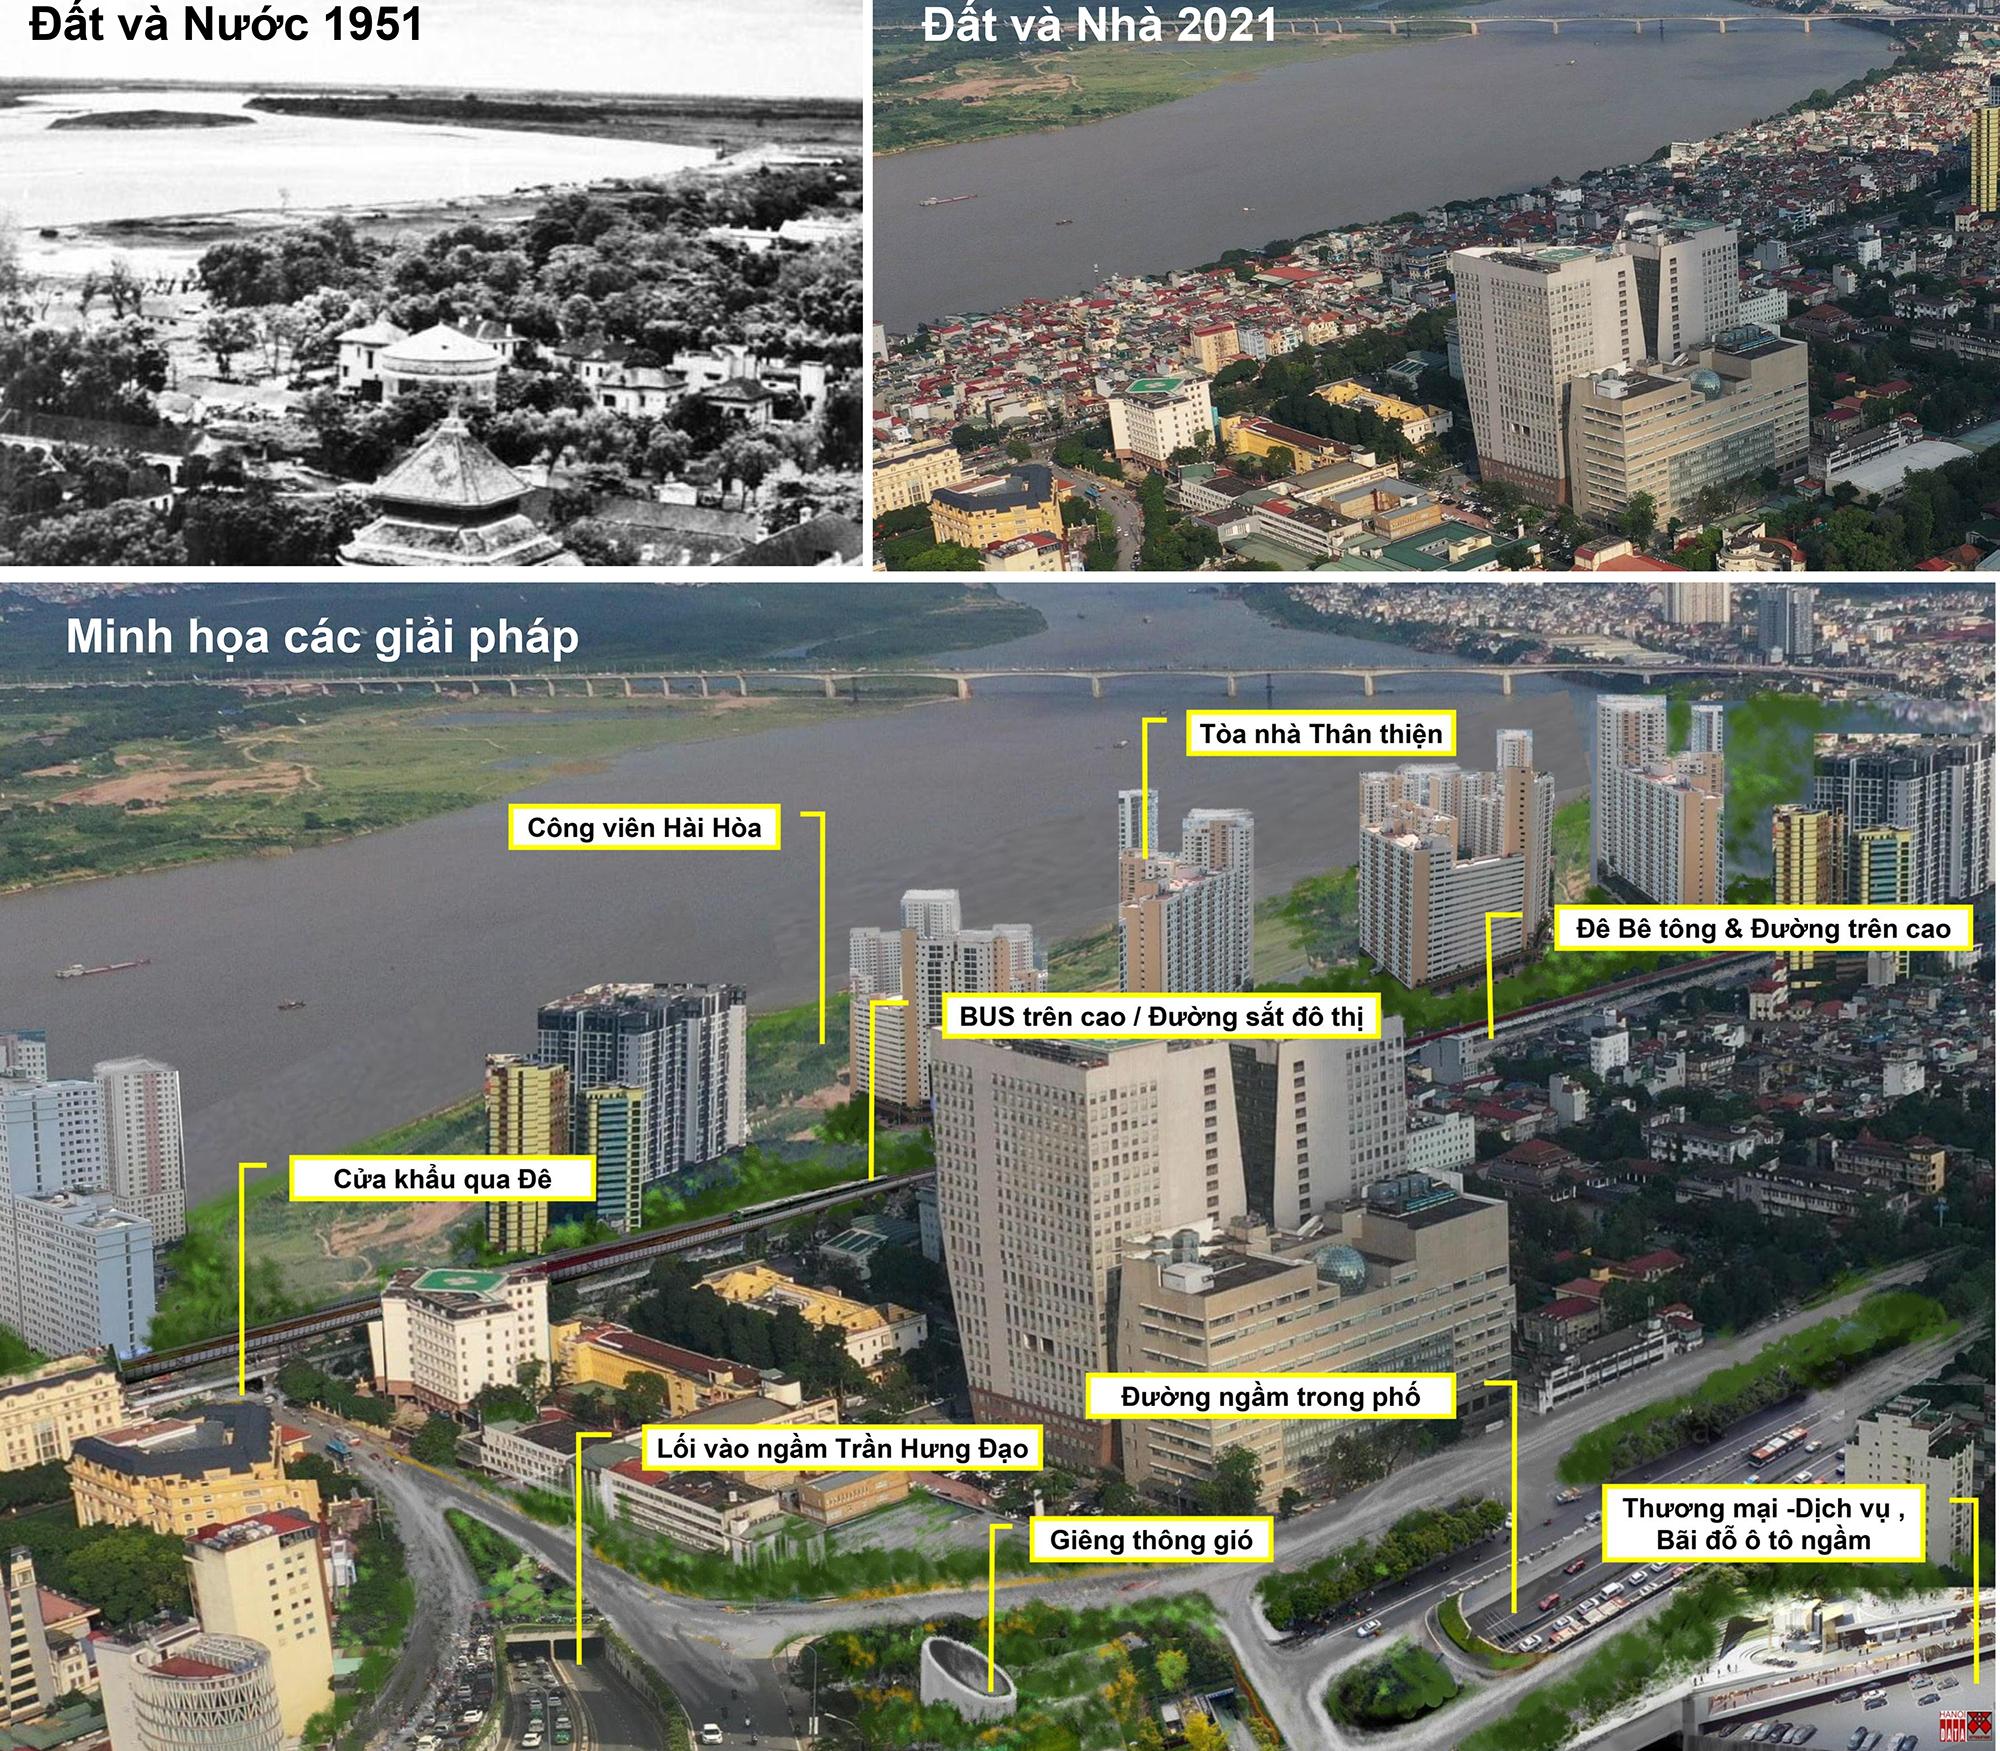 Minh họa tích hợp các công trình chung quanh đầu cầu Trần Hưng Đạo. Nguồn ảnh do City Solution&Hanoidata cung cấp